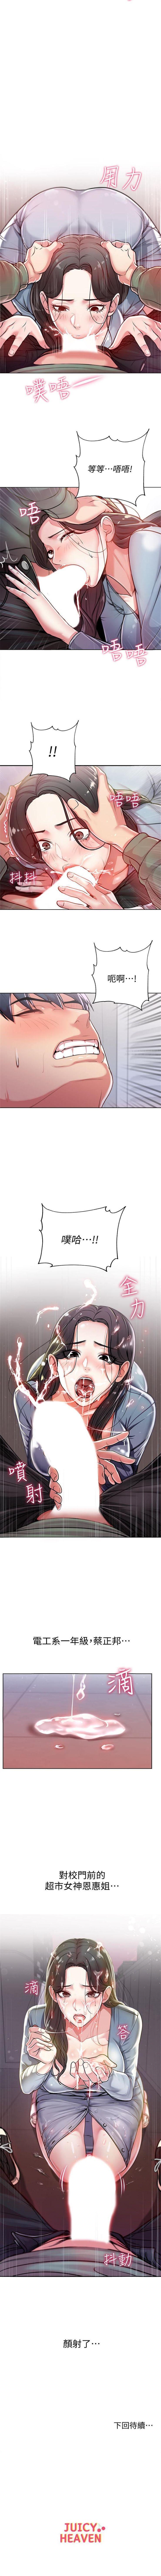 (週3)超市的漂亮姐姐 1-18 中文翻譯(更新中) 45